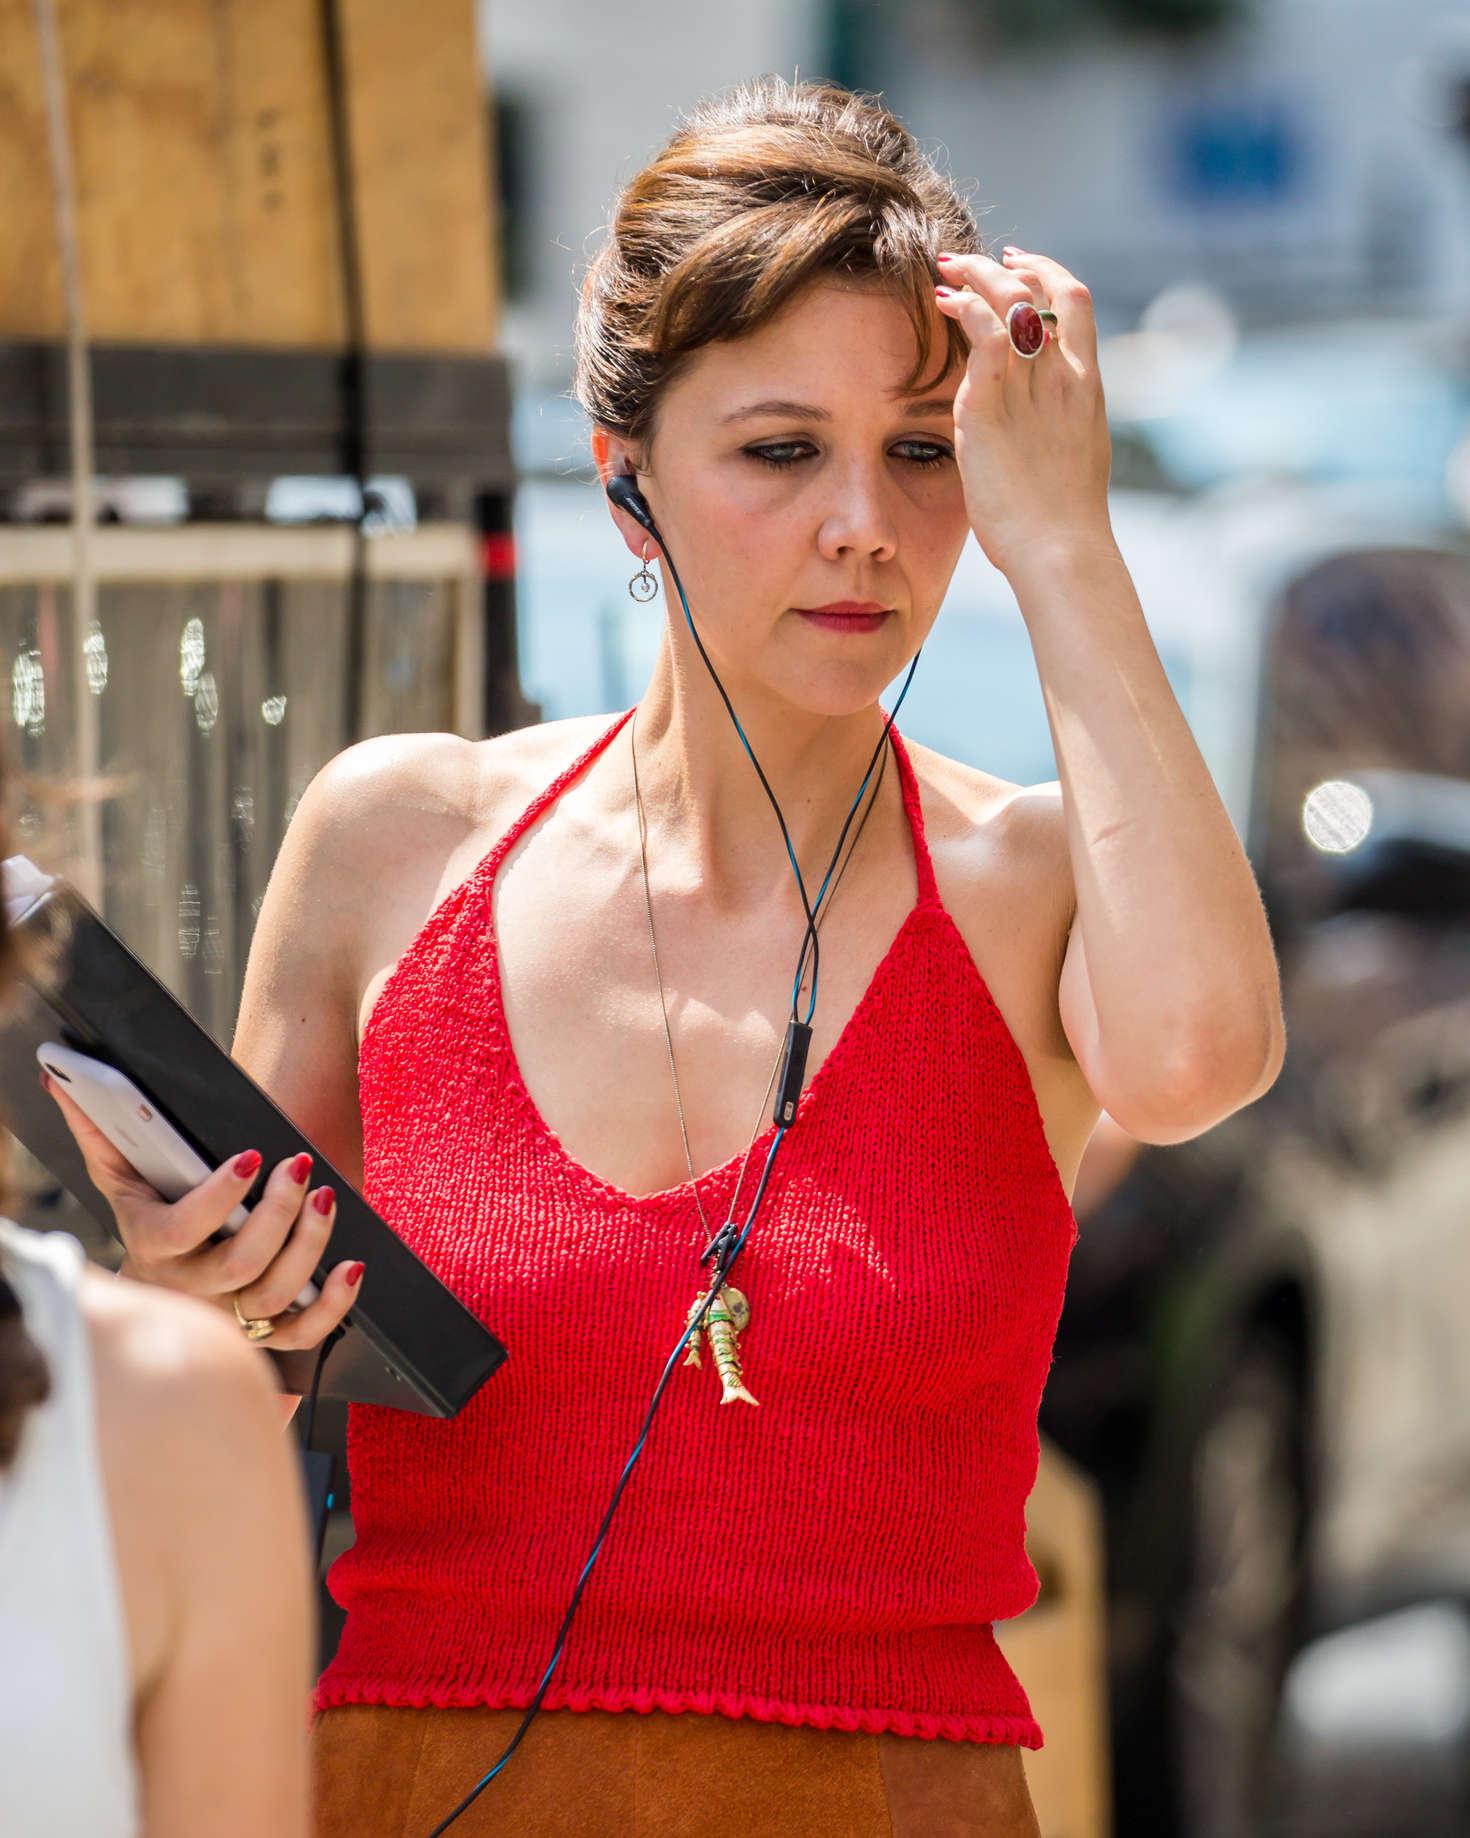 Maggie Gyllenhaal on set of 'The Deuce' in New York City ... мэгги джилленхол